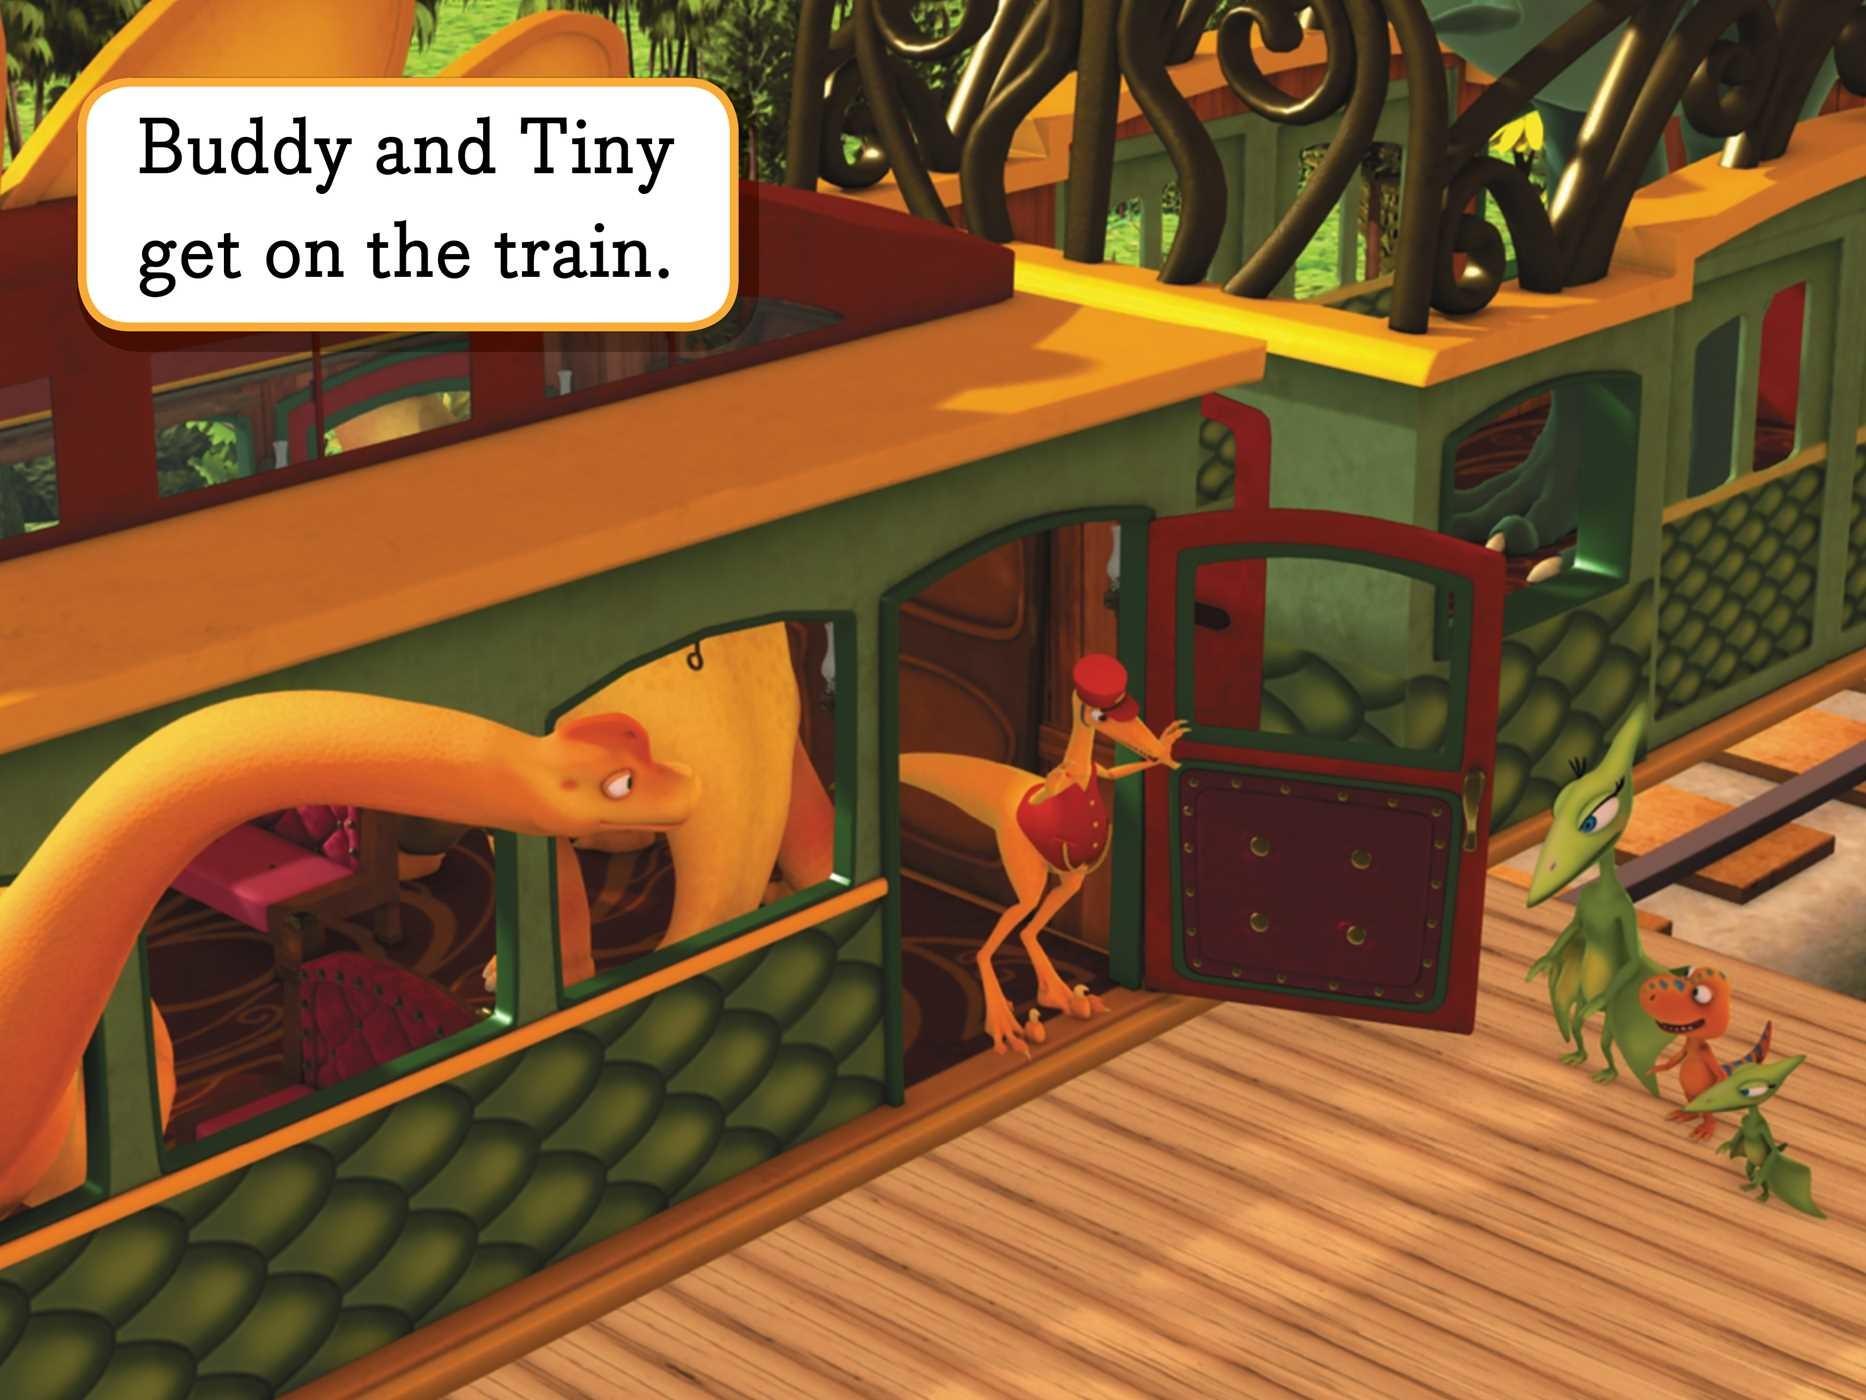 Train ride fun 9781534413337.in03